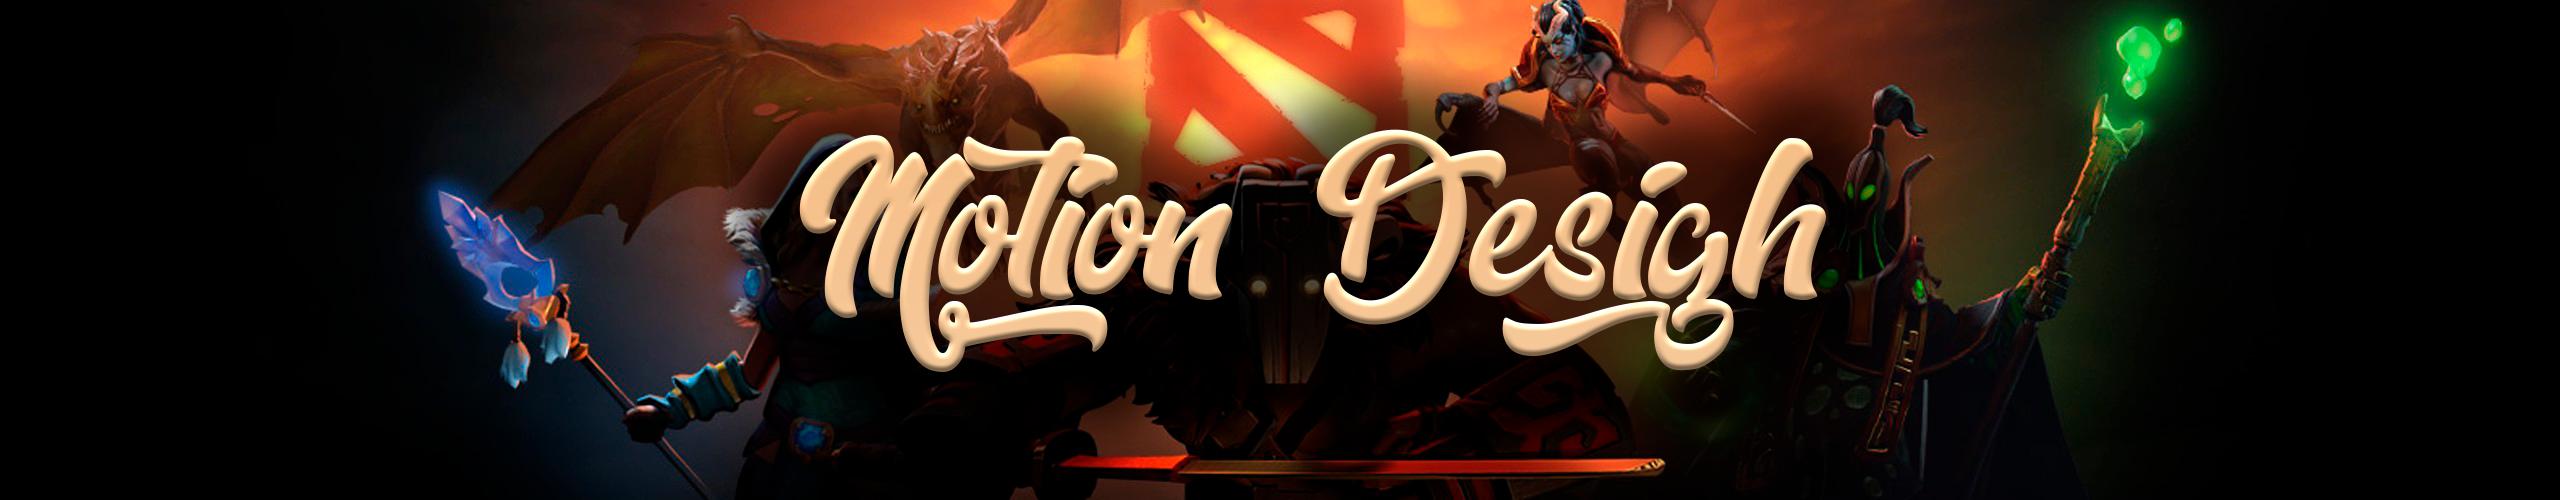 Из песочницы Motion Design в Dota 2